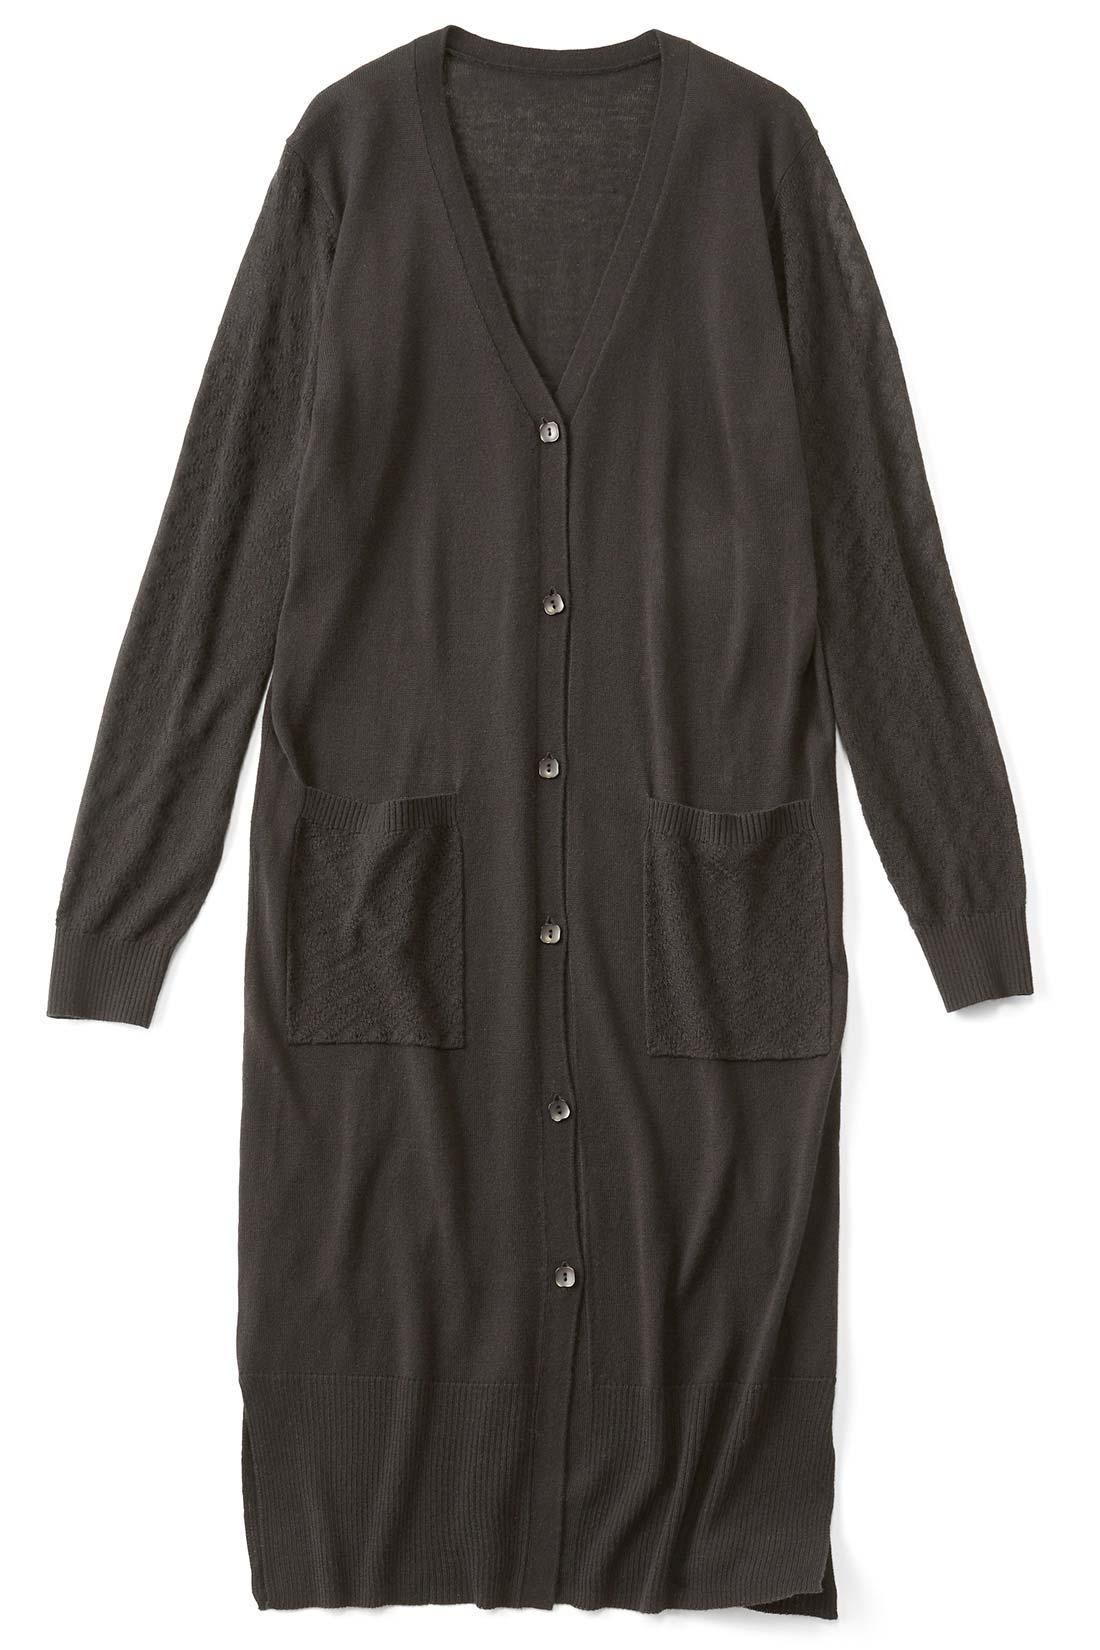 [ブラック]袖とポケットは模様編み。気温差の激しいこれからの季節には、やっぱりはおりもの。